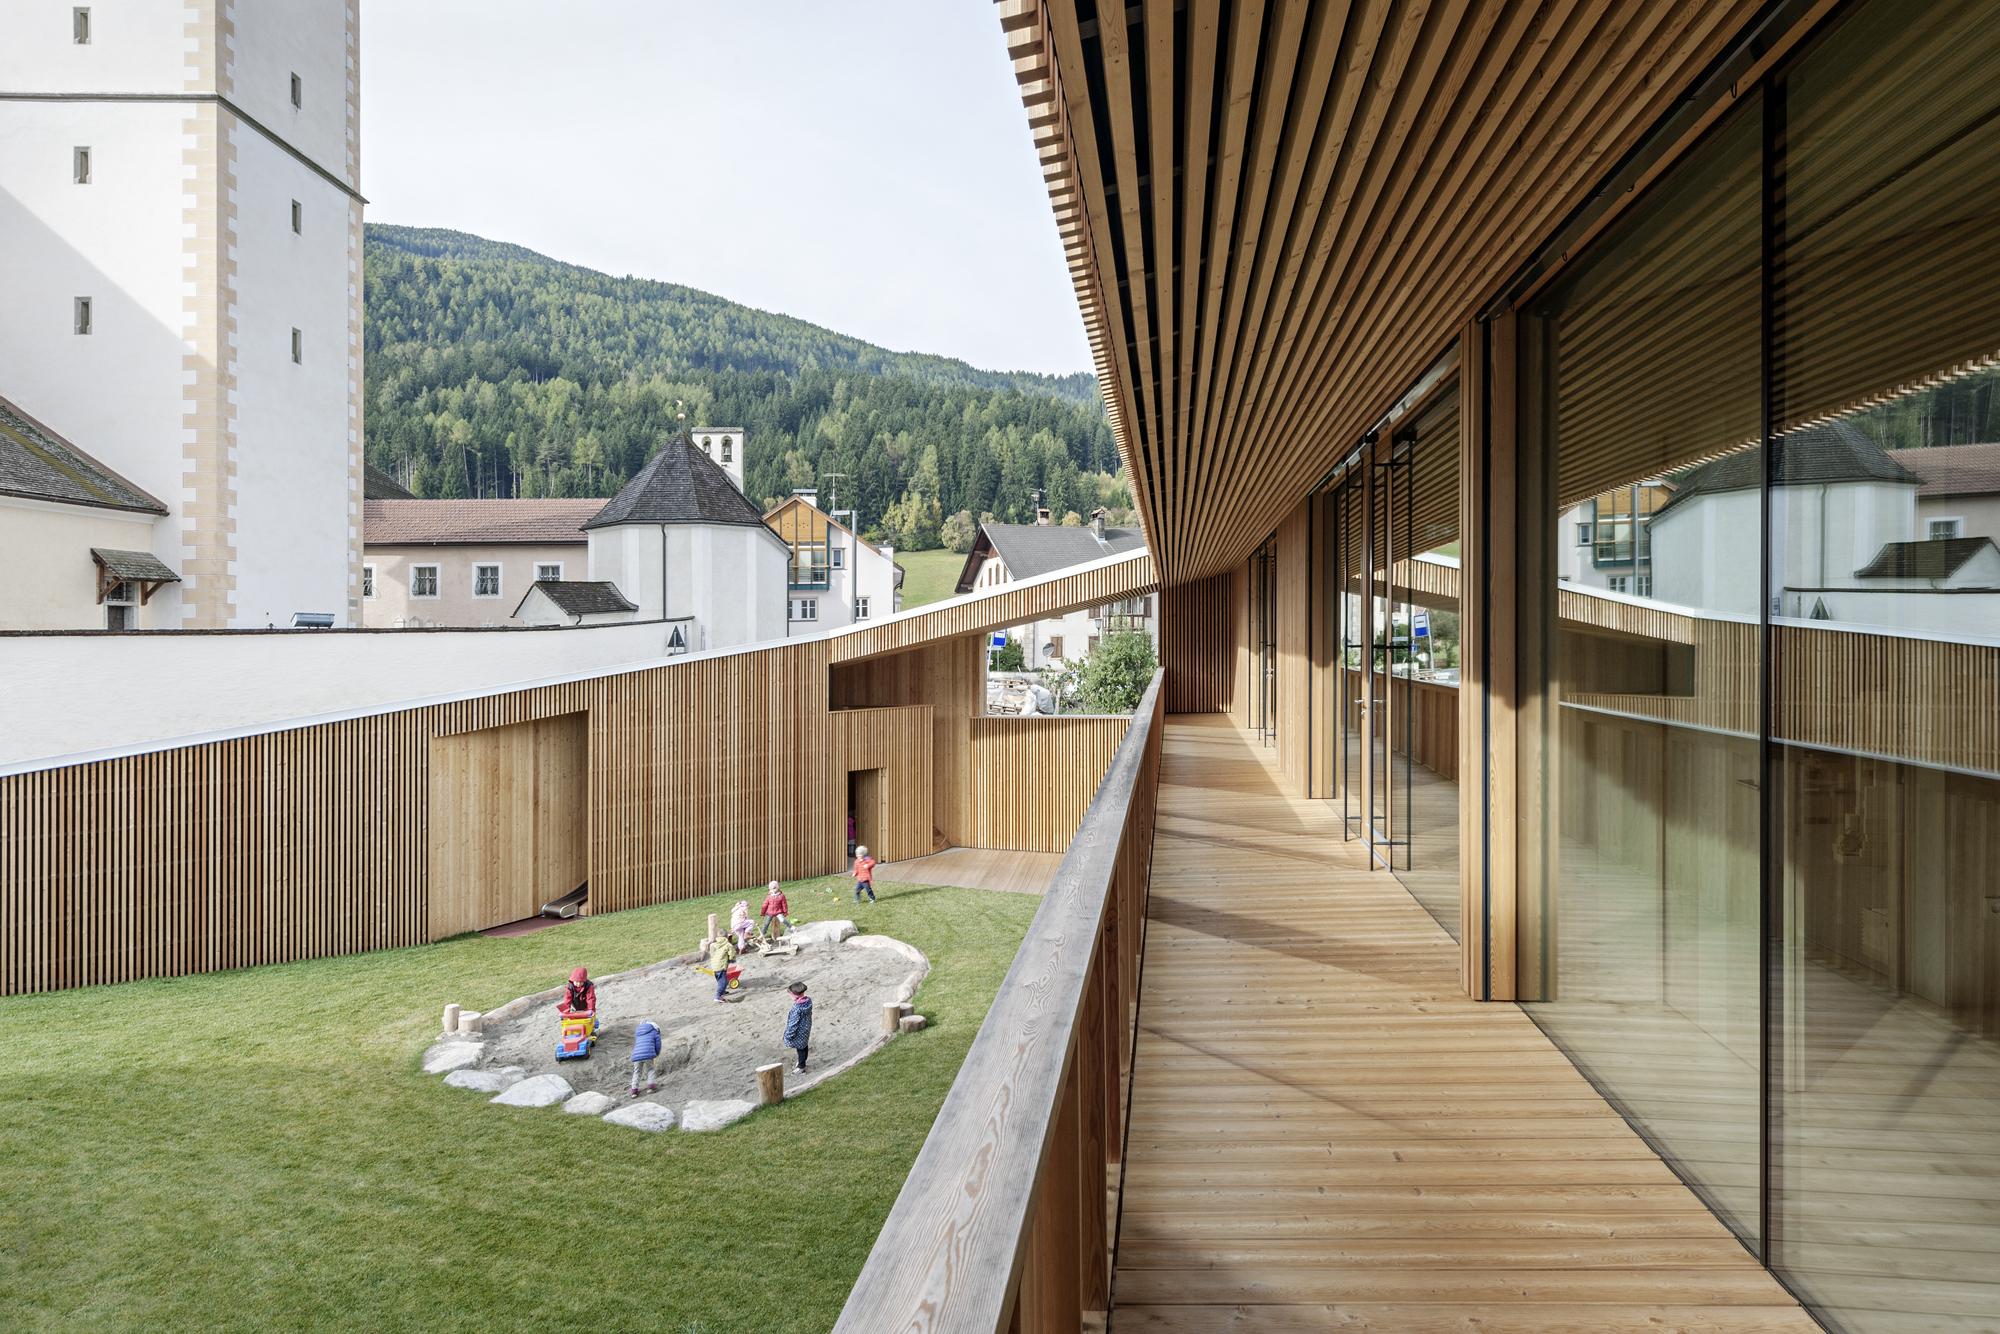 Kinder Garden: Kindergarten Valdaora Di Sotto / Feld72